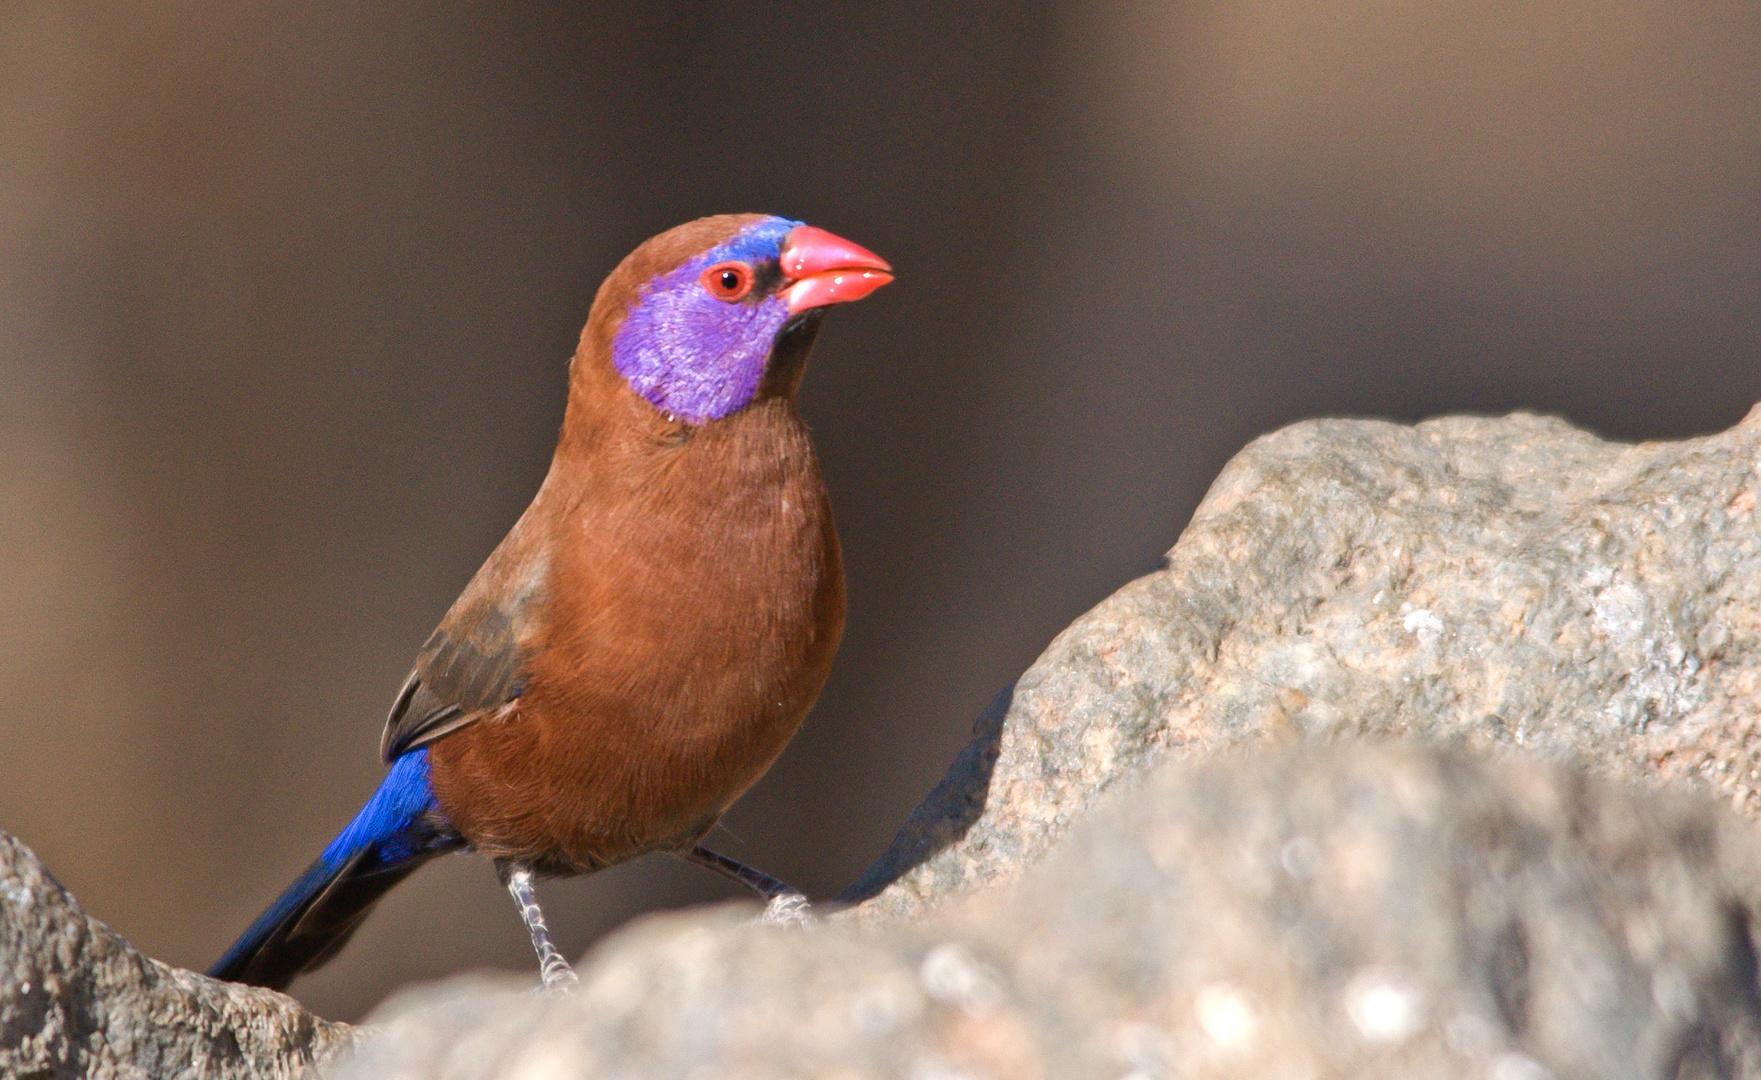 Ein farbenfrohes Vögelchen......